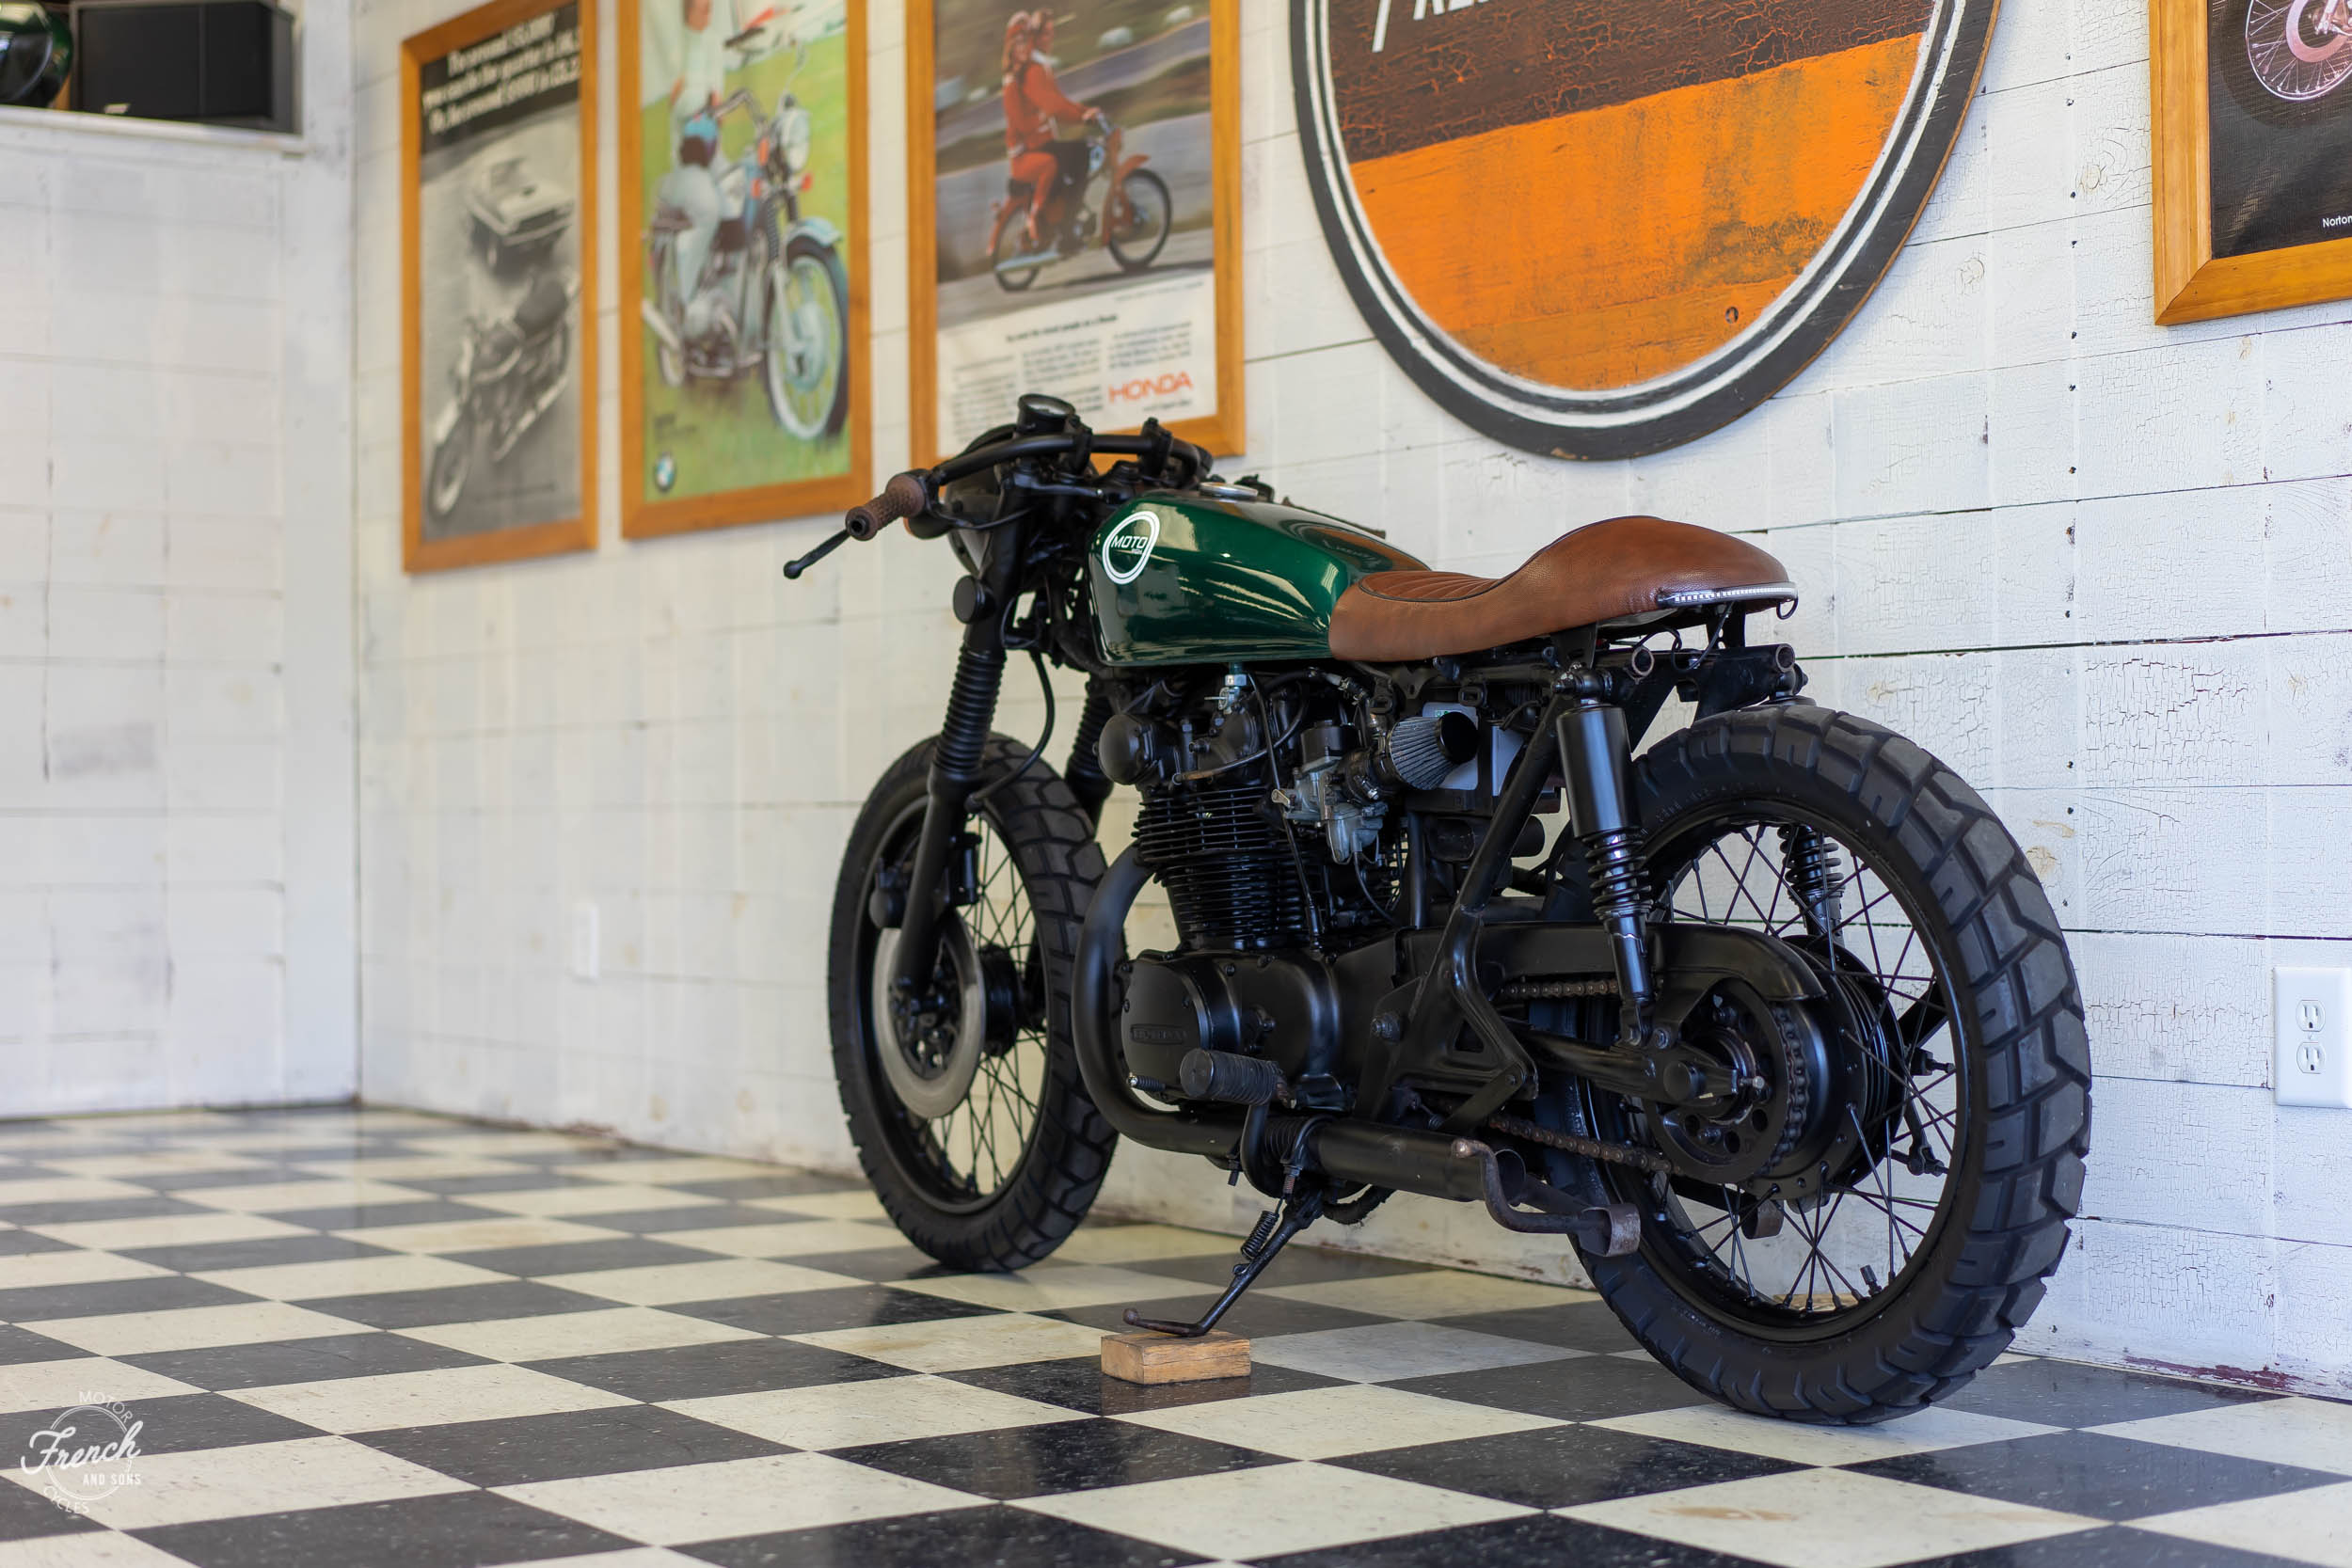 1974_honda_cb450_cafe_racer-20.jpg